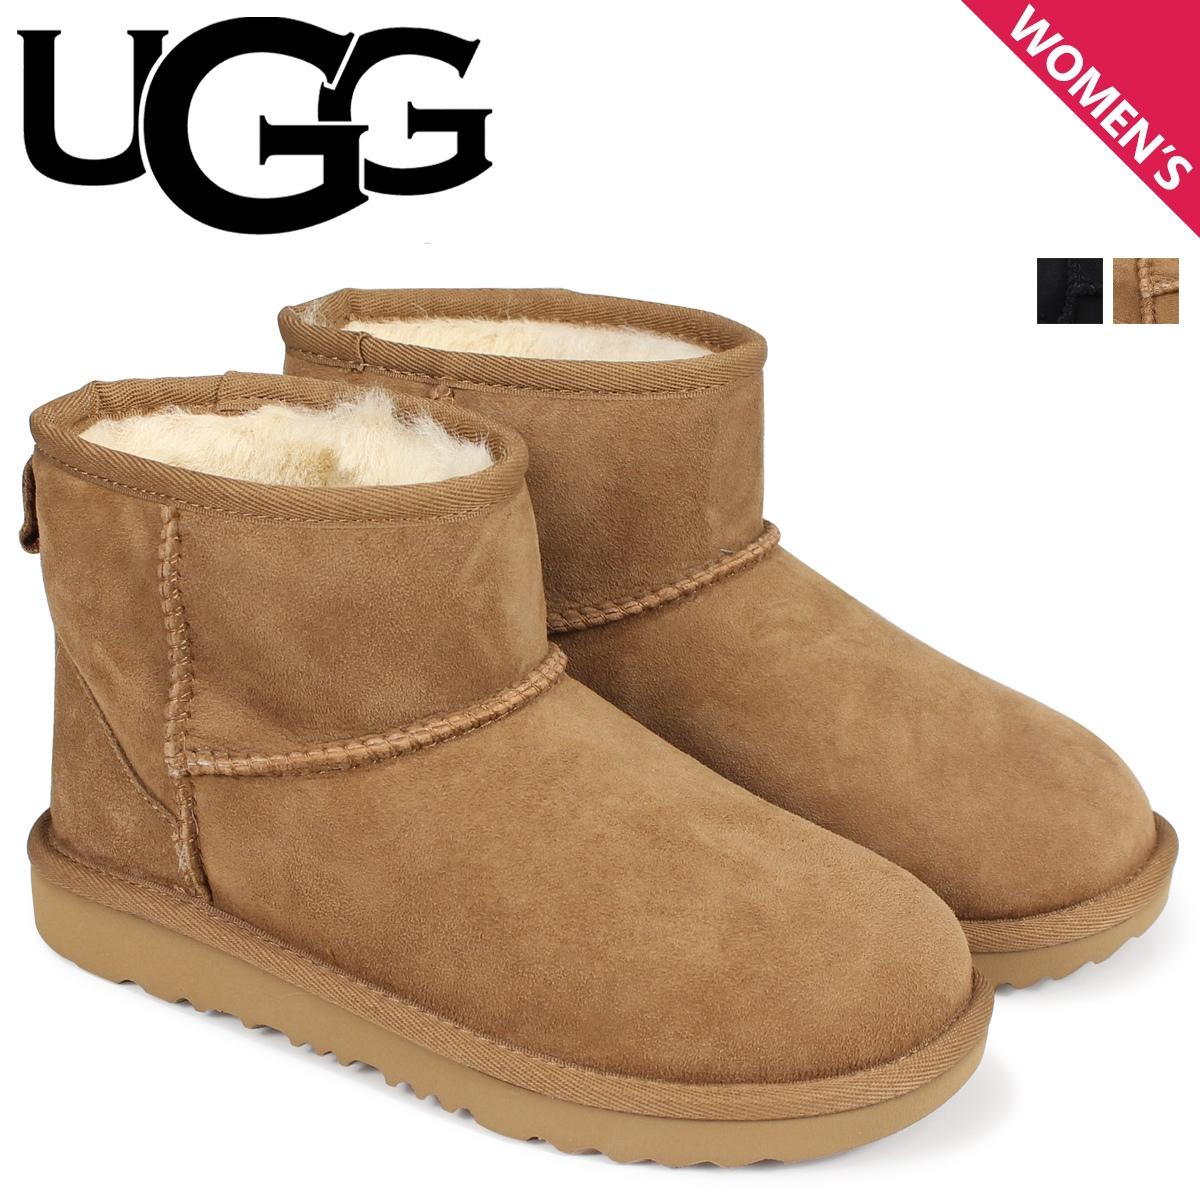 UGG アグ ムートン ブーツ クラシック ミニ 2 CLASSIC MINI II 1017715K レディース キッズ